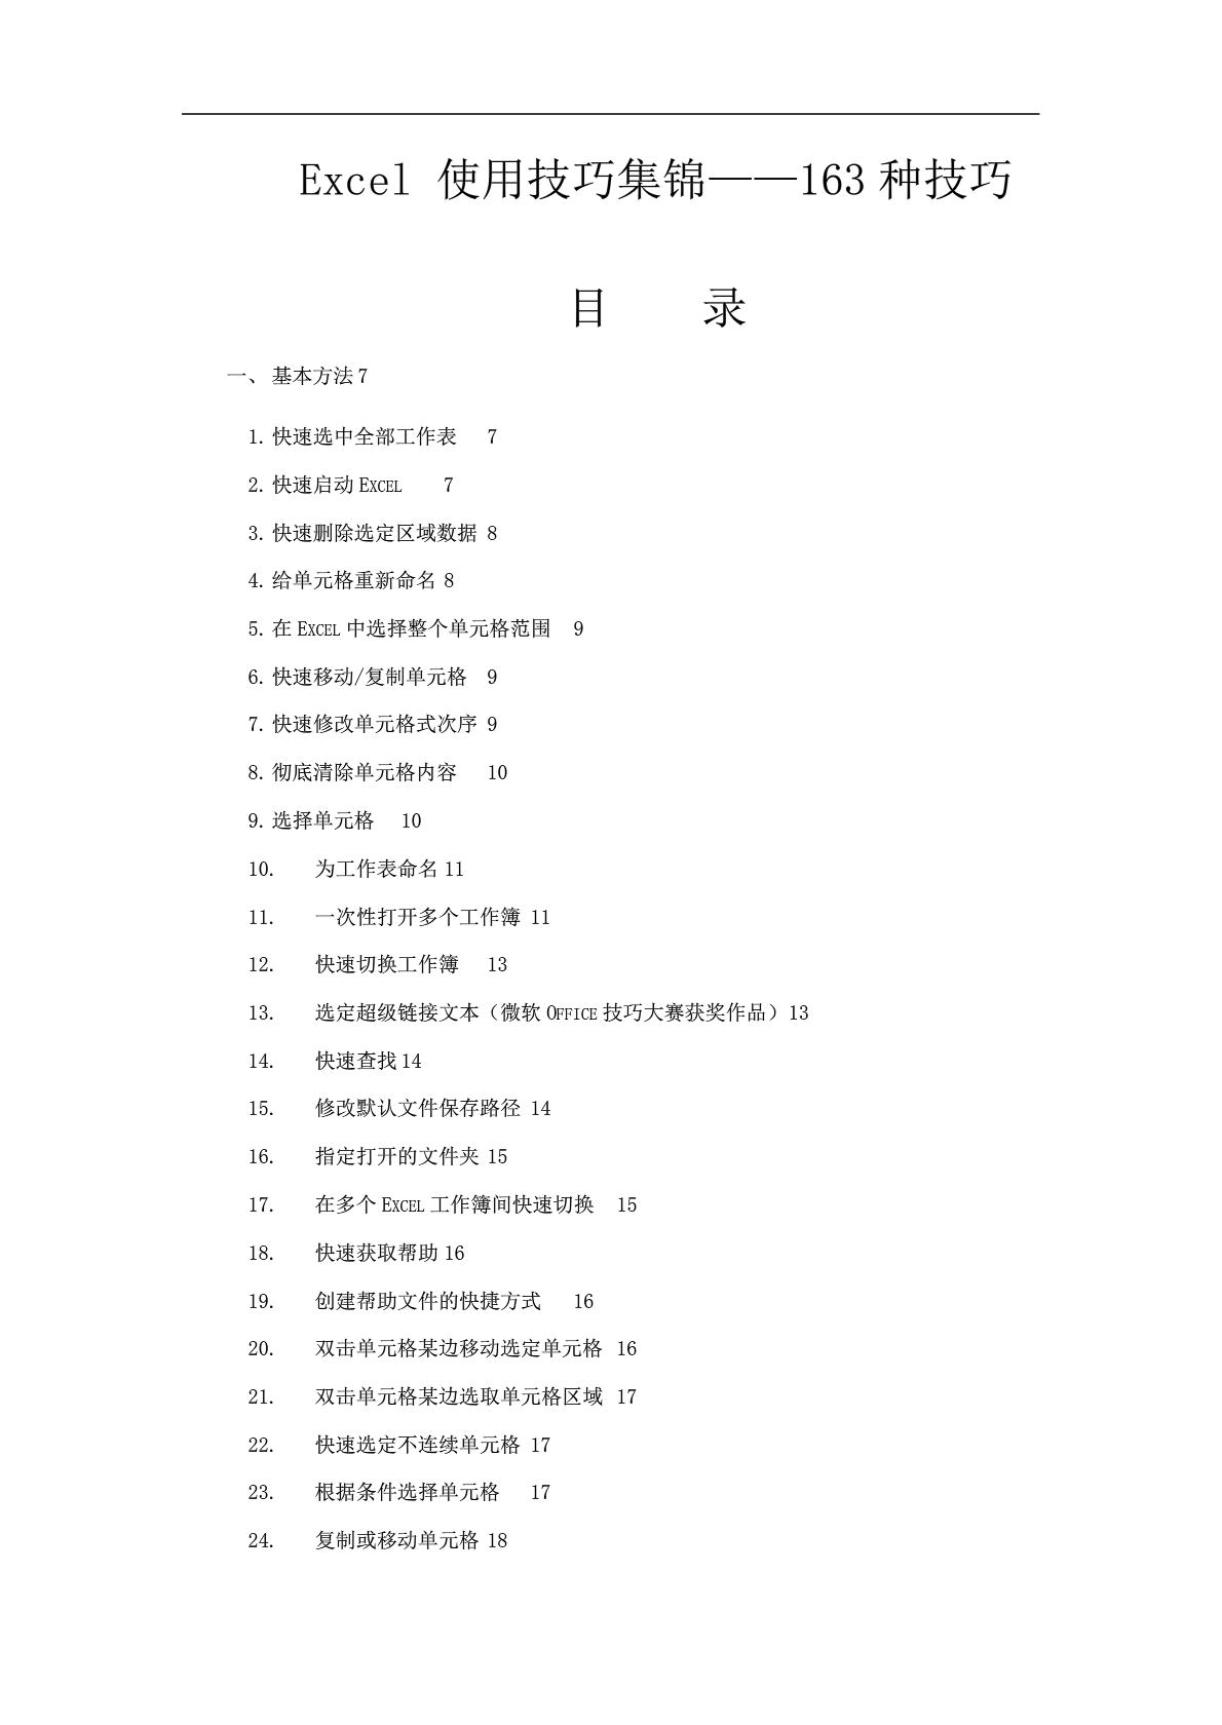 Excel使用技巧大全(超全)